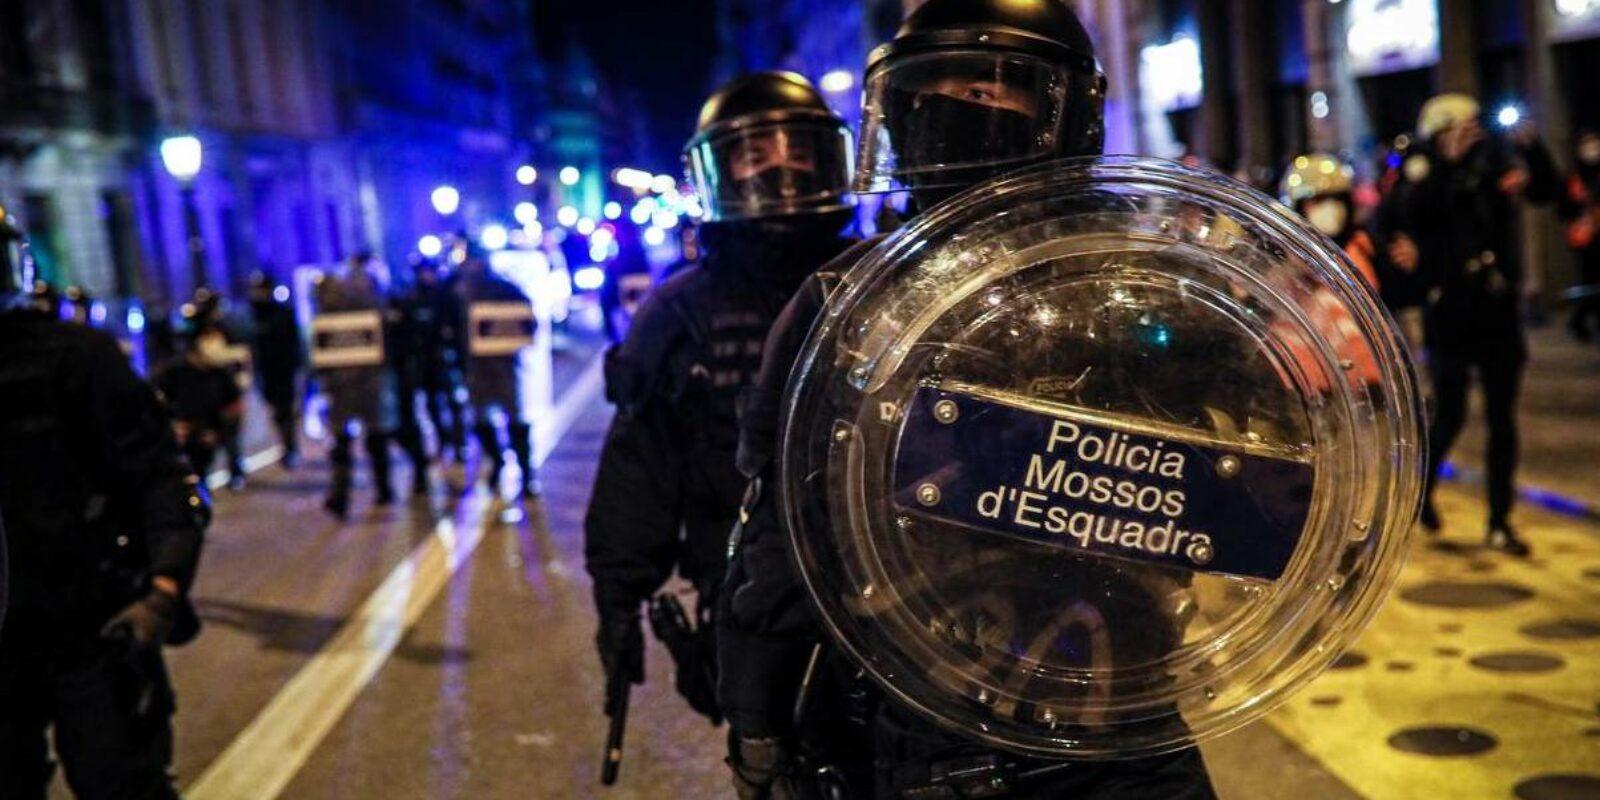 Antiavalot amb escut a Urquinaona, la 5a nit de protestes / Jordi Borràs